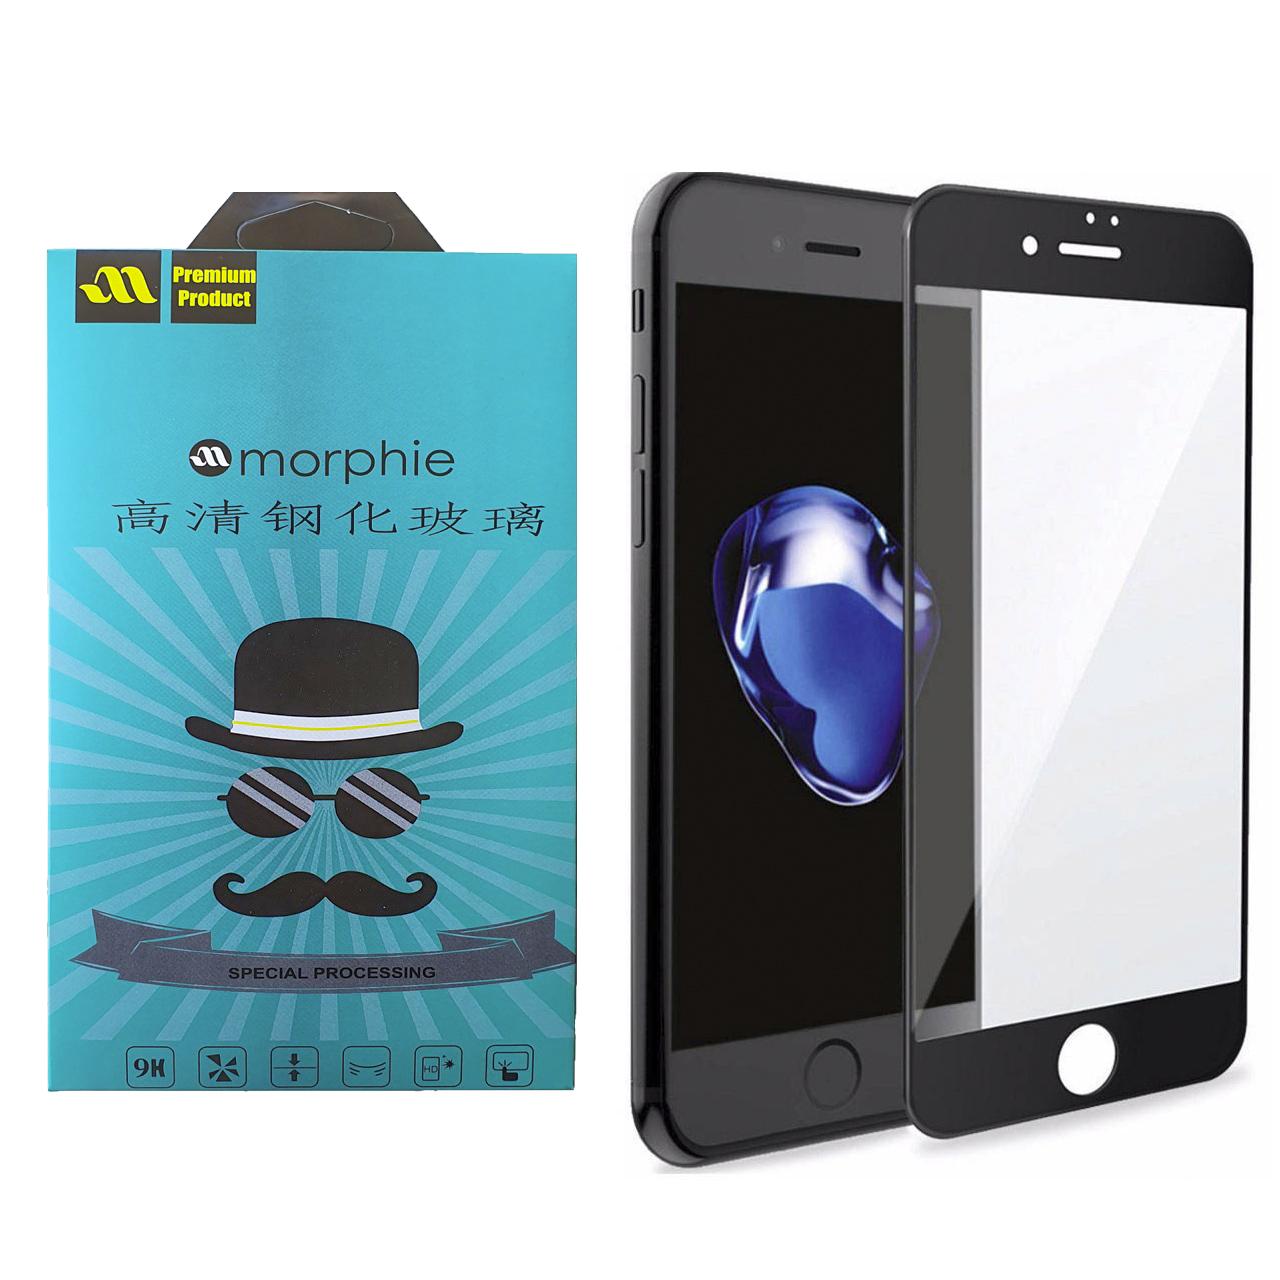 محافظ صفحه نمایش 6D مورفی مدل MR7 مناسب برای گوشی موبایل اپل Iphone 7 Plus